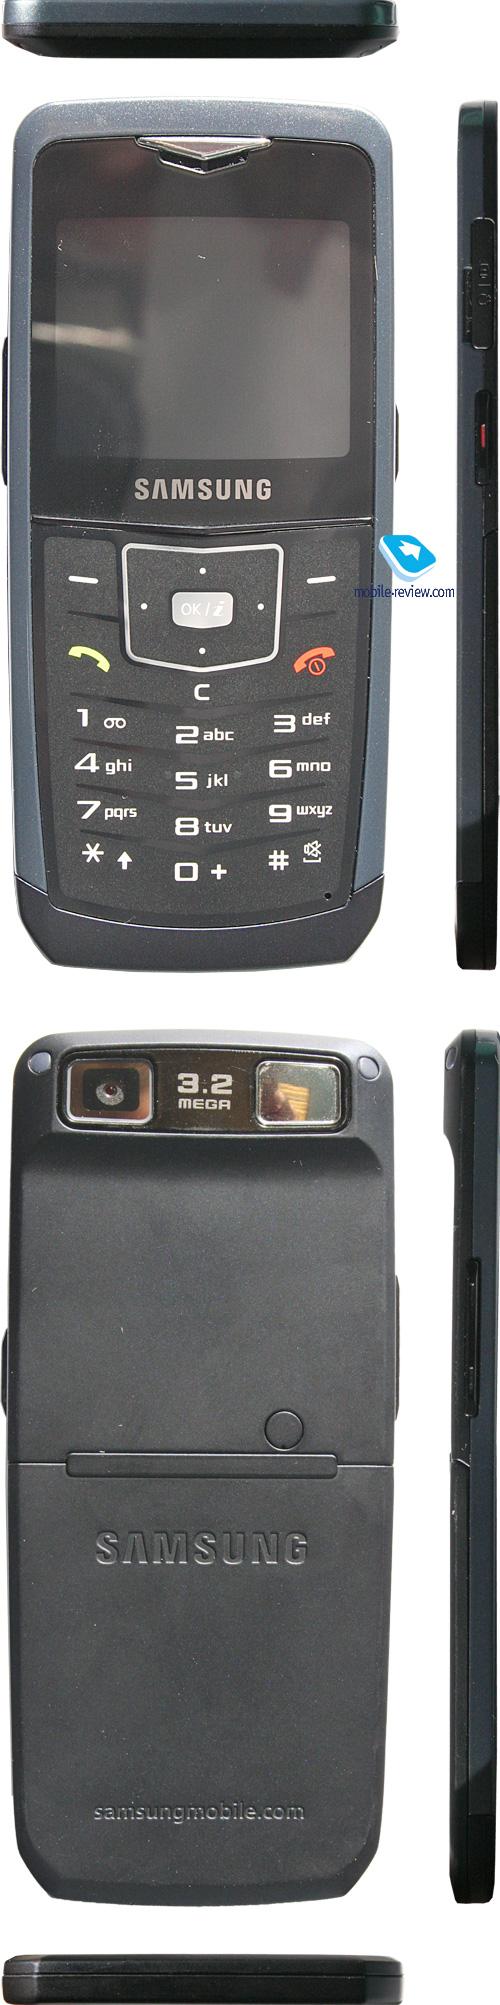 Mobile-review.com Обзор GSM-телефона Samsung U100